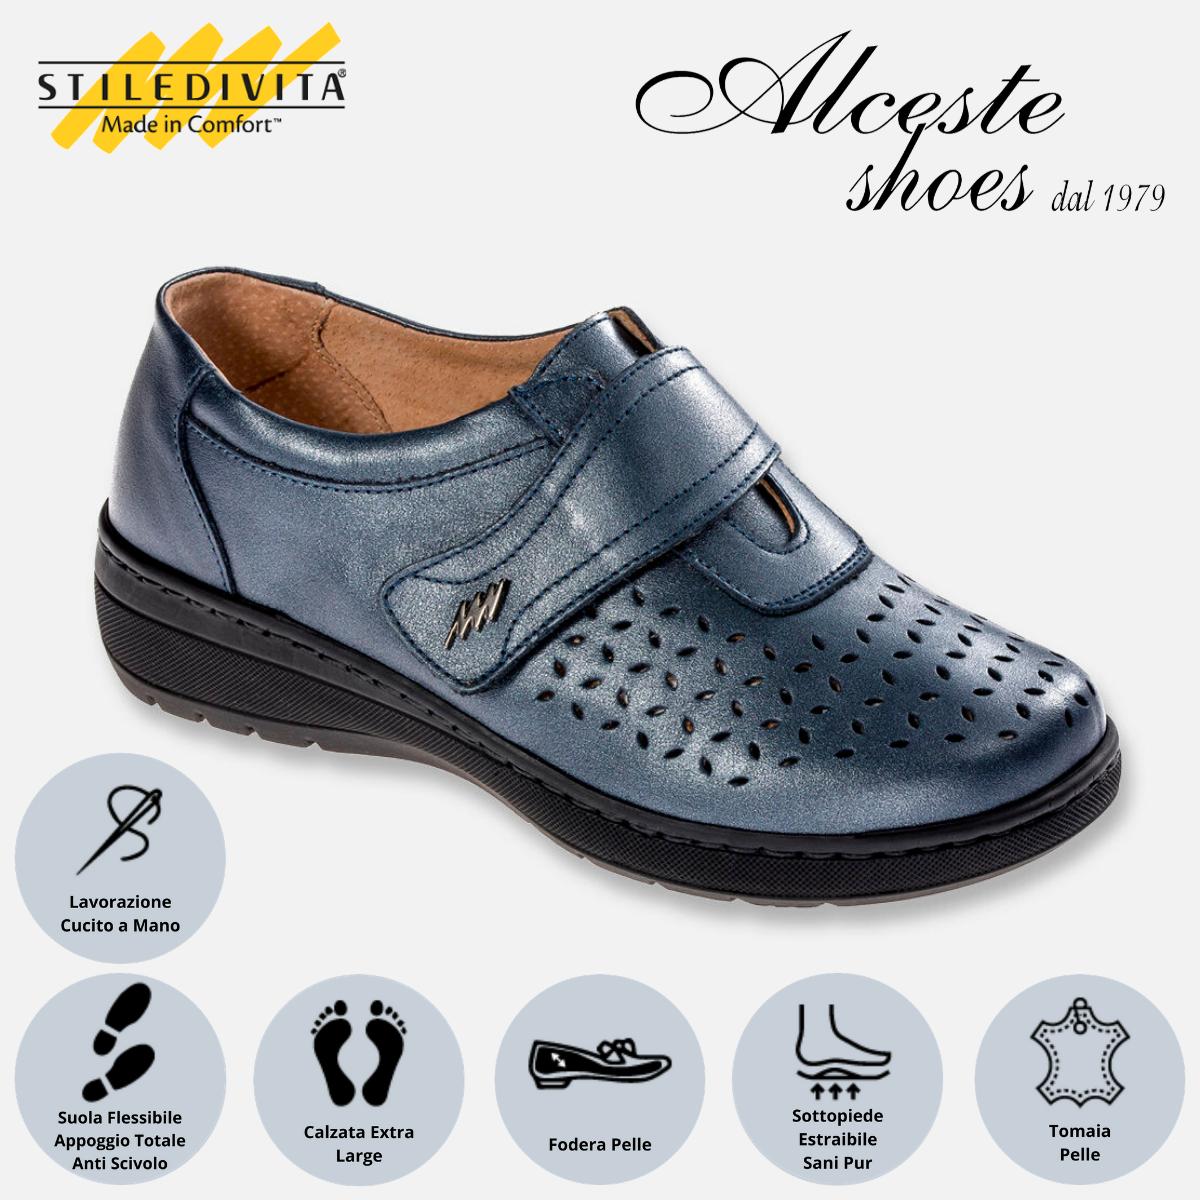 Scarpa Traforata con Strappo Stiledivita Art. 7178 Pelle Blu Perlato Alceste Shoes 7178 Blu